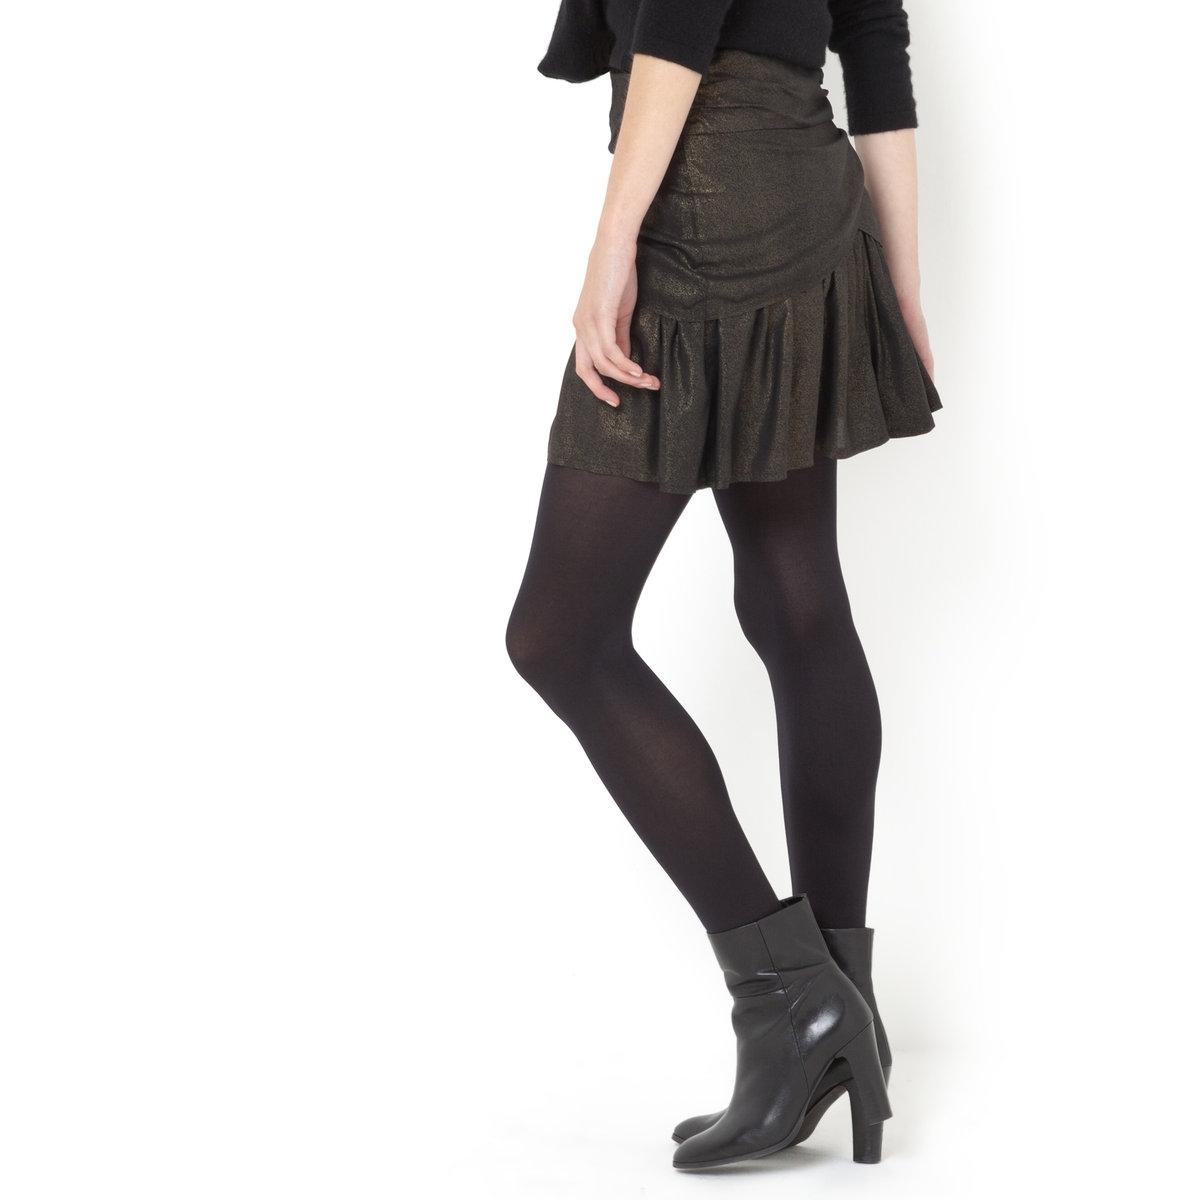 Юбка блестящая с металлизированной нитьюБлестящая юбка - SOFT GREY. Юбка блестящая с металлизированной нитью, с драпировкой и складками . Эластичный пояс . 100% вискозы . Длина 42 см .<br><br>Цвет: черный<br>Размер: 42 (FR) - 48 (RUS)